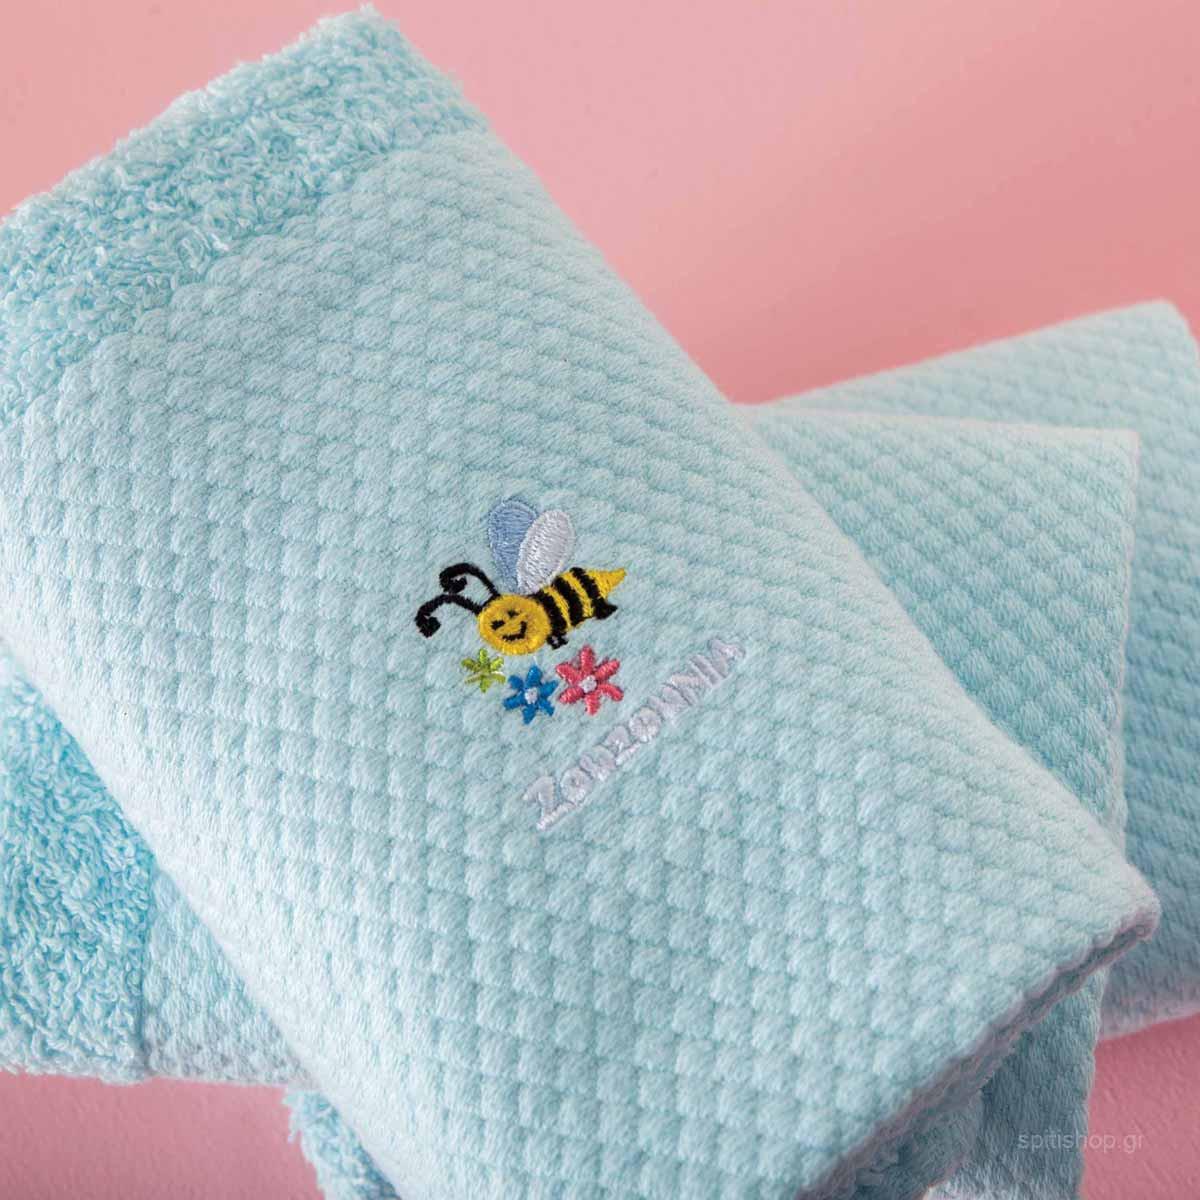 Βρεφικές Πετσέτες Χεριών (Σετ 3τμχ) Zouzounia Μέλισσα 236